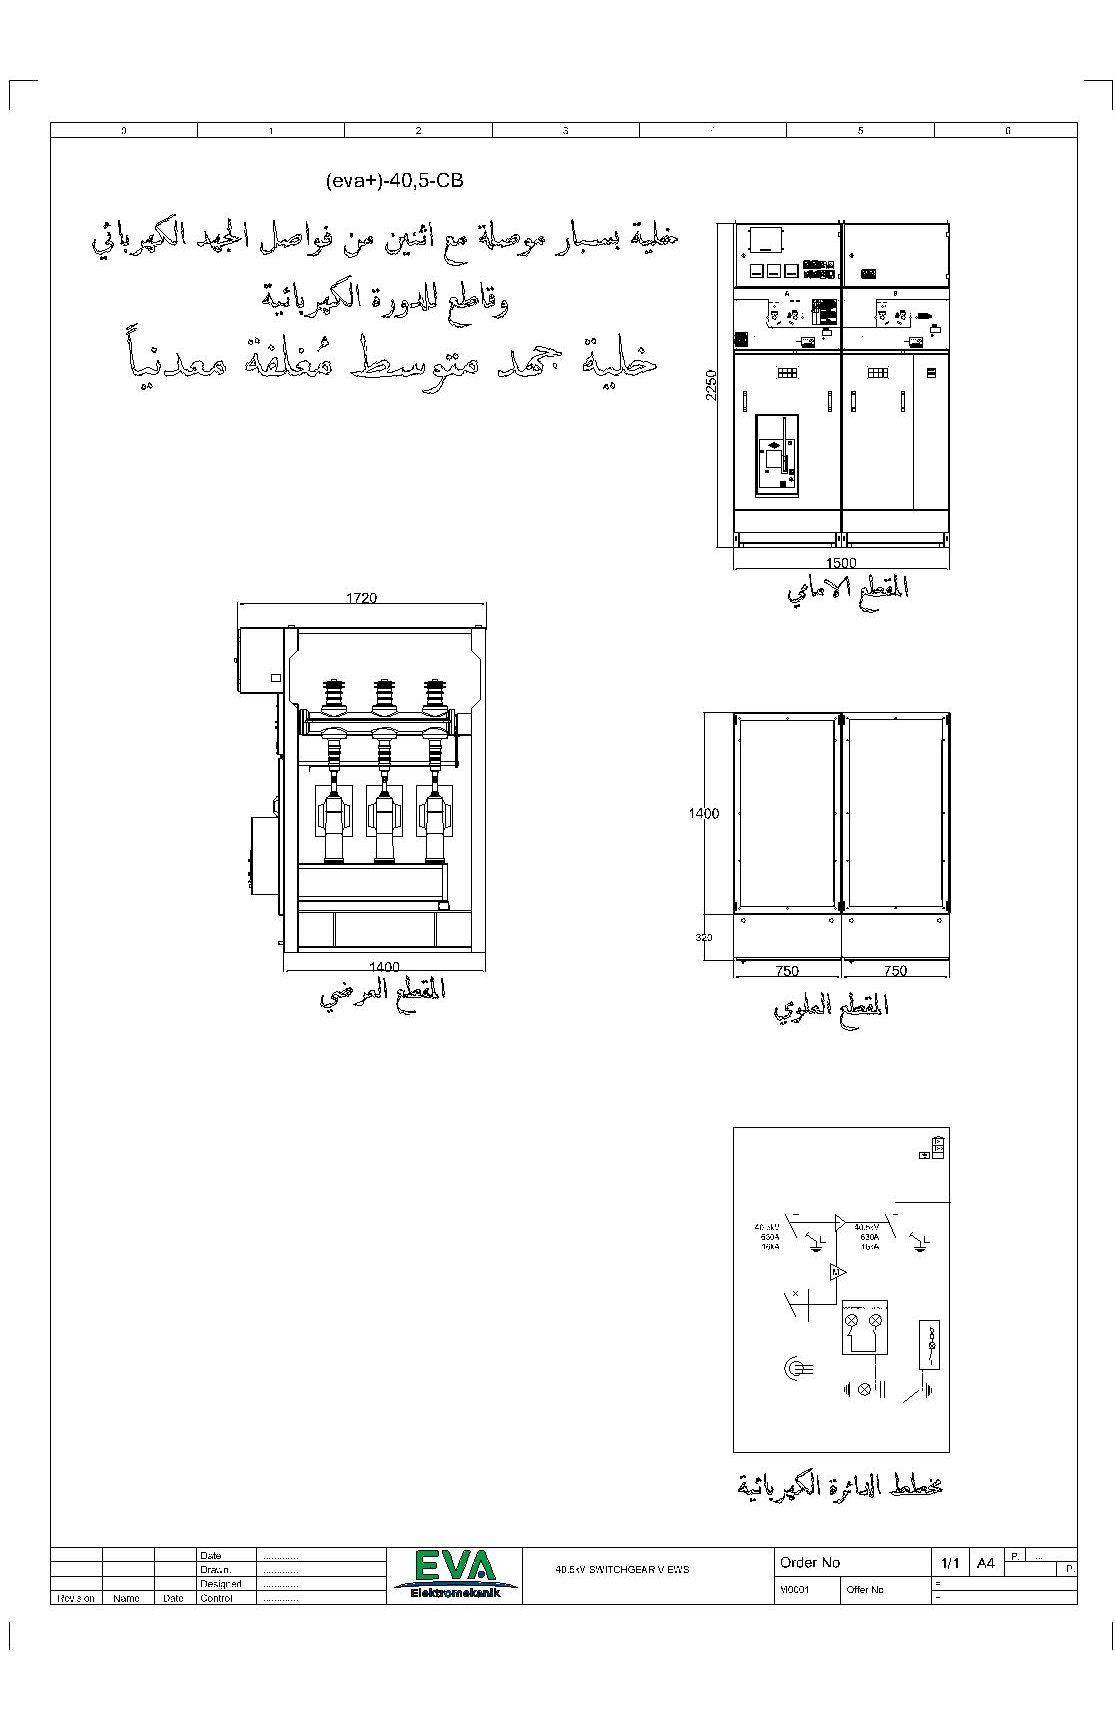 خلية بسبار موصلة مع اثنين من فواصل الجهد الكهربائي وقاطع للدورة الكهربائية